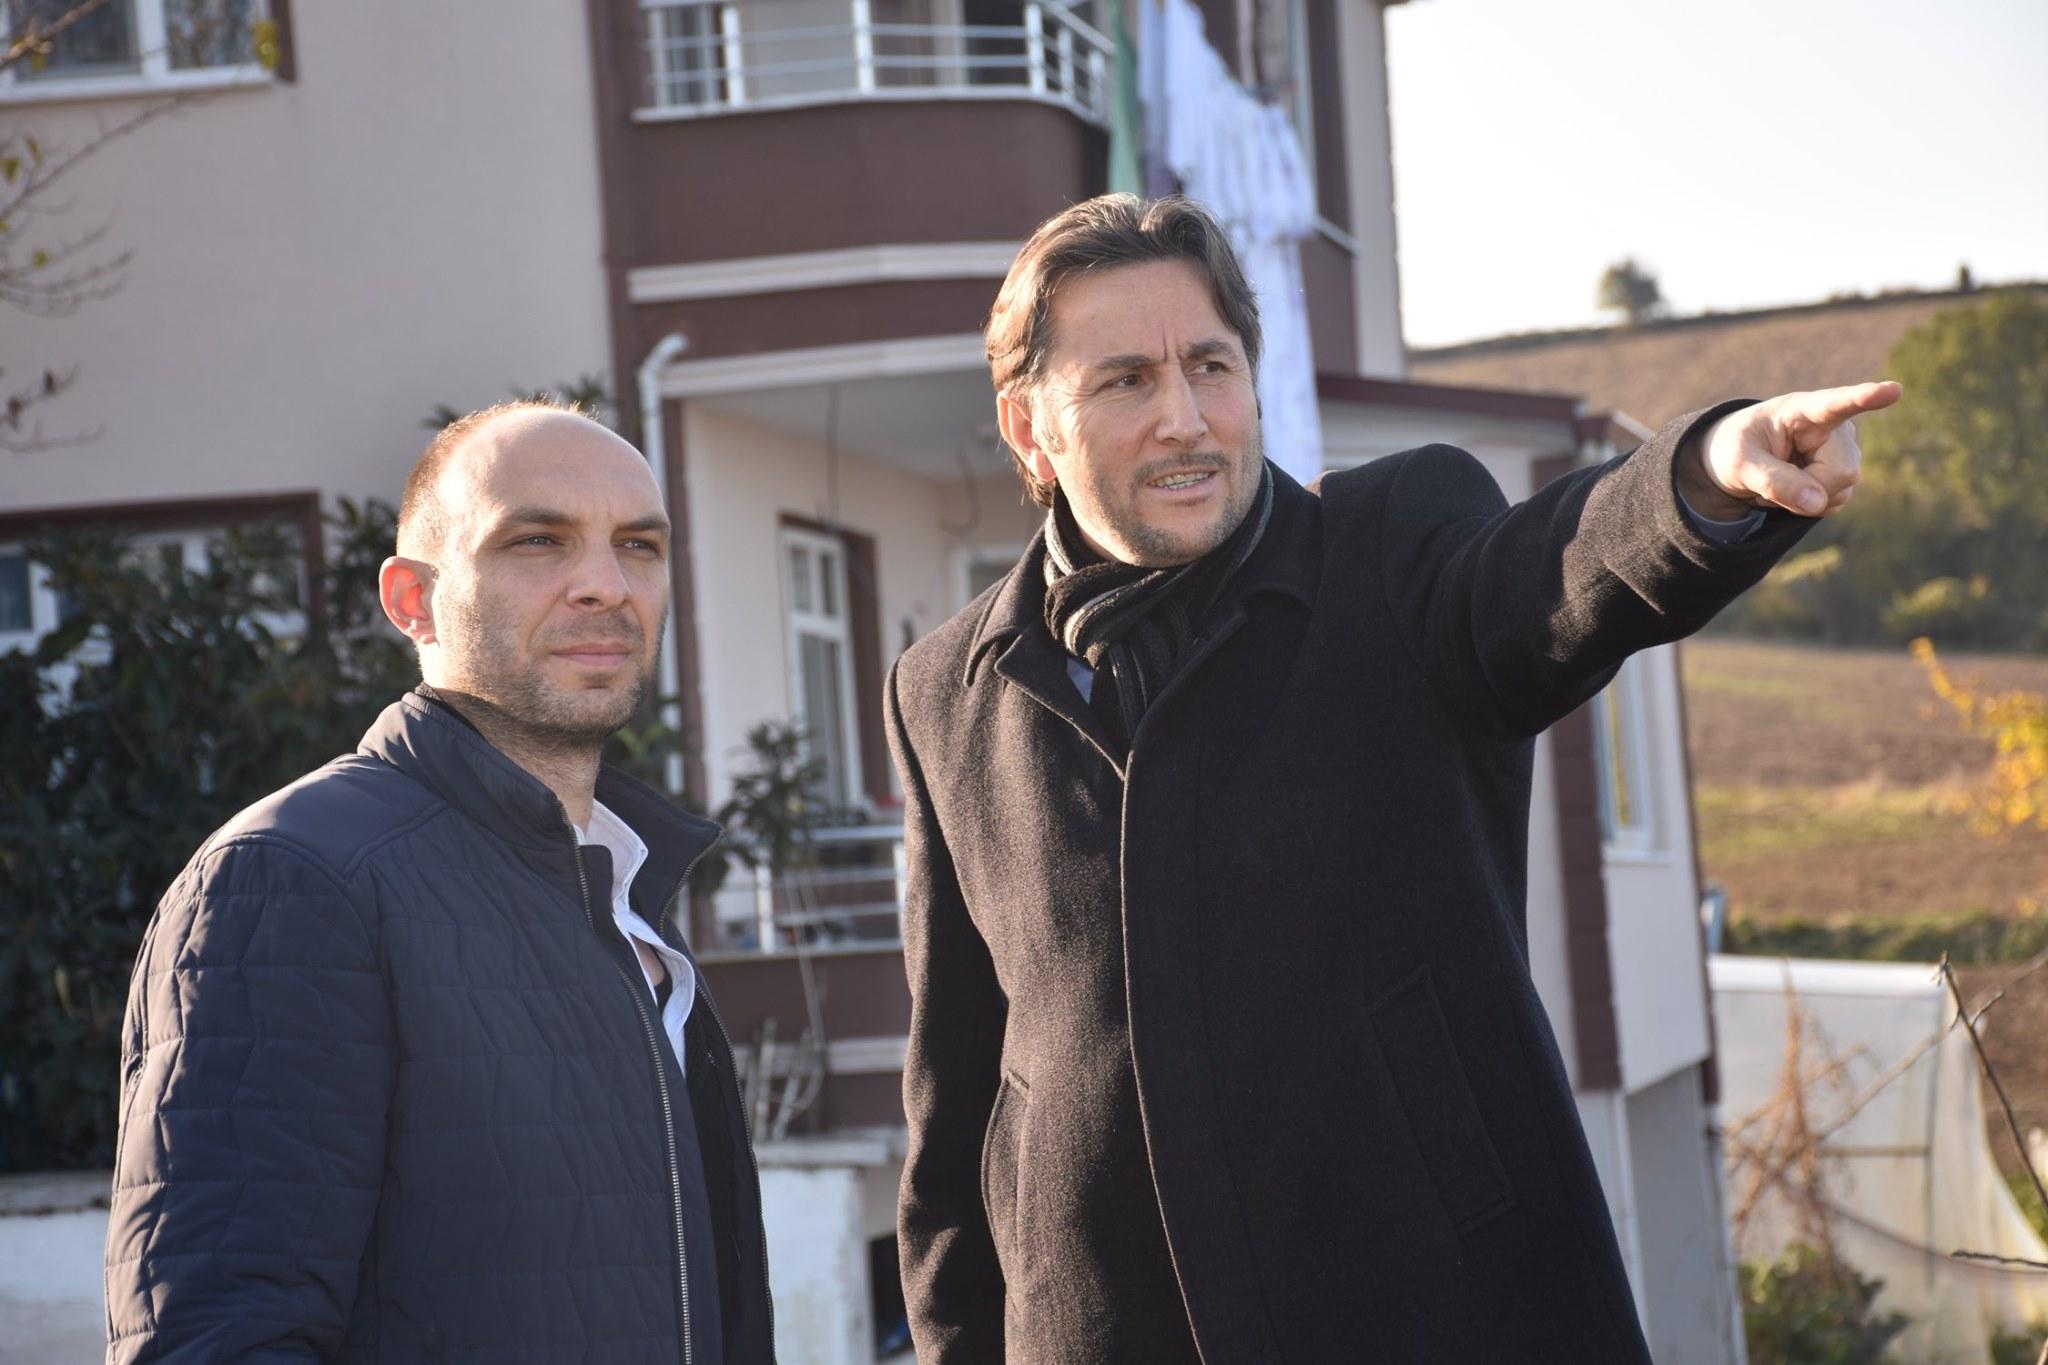 Kozköy Mahallesinde İncelemeler Yapıldı.